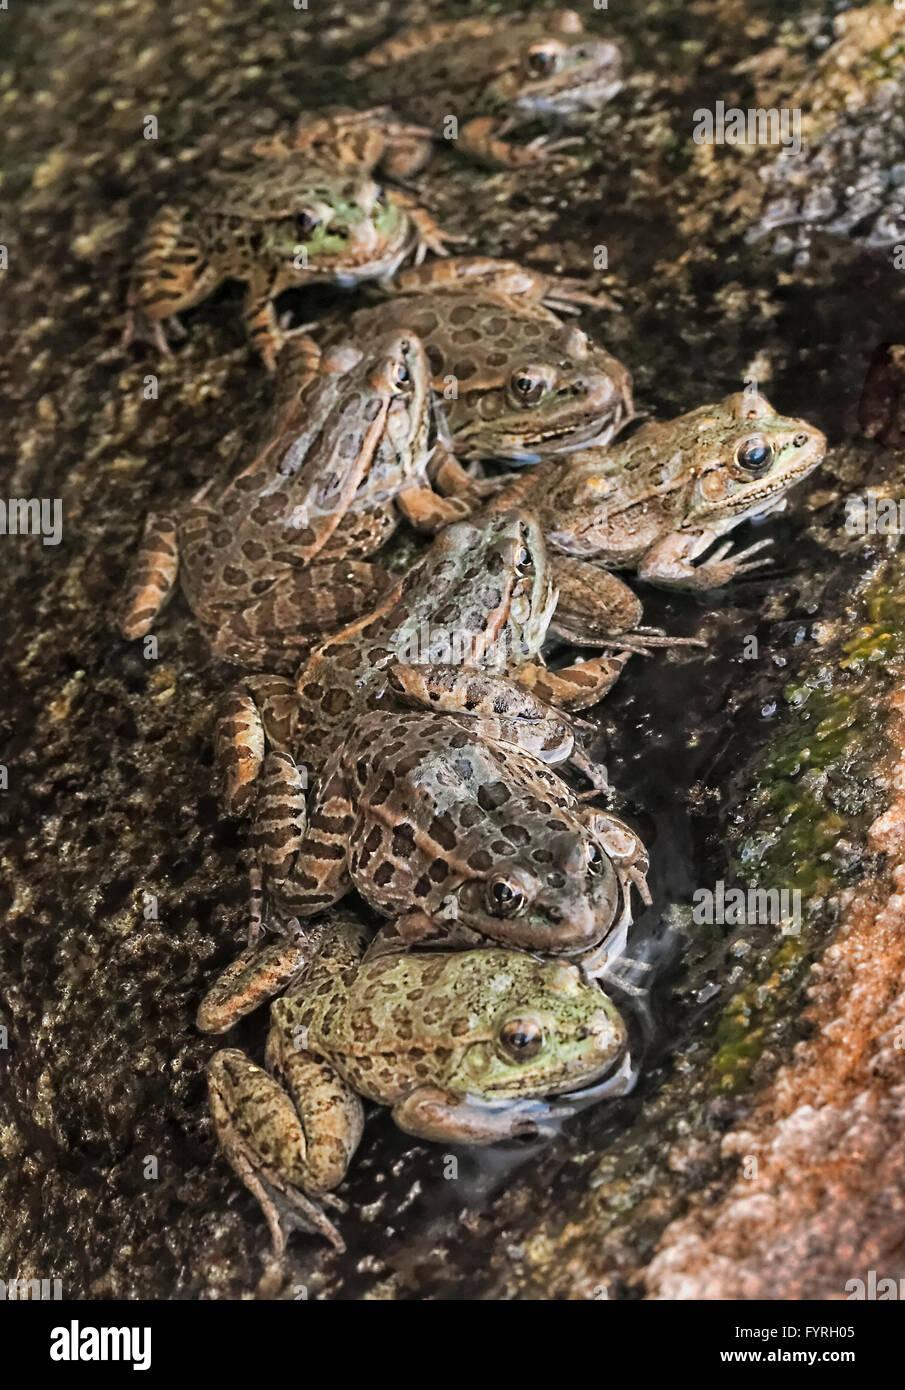 Grenouille léopard, de plaine (Rana yavapaiensis) mâles se rassemblent dans des piscines sur les journées chaudes Banque D'Images